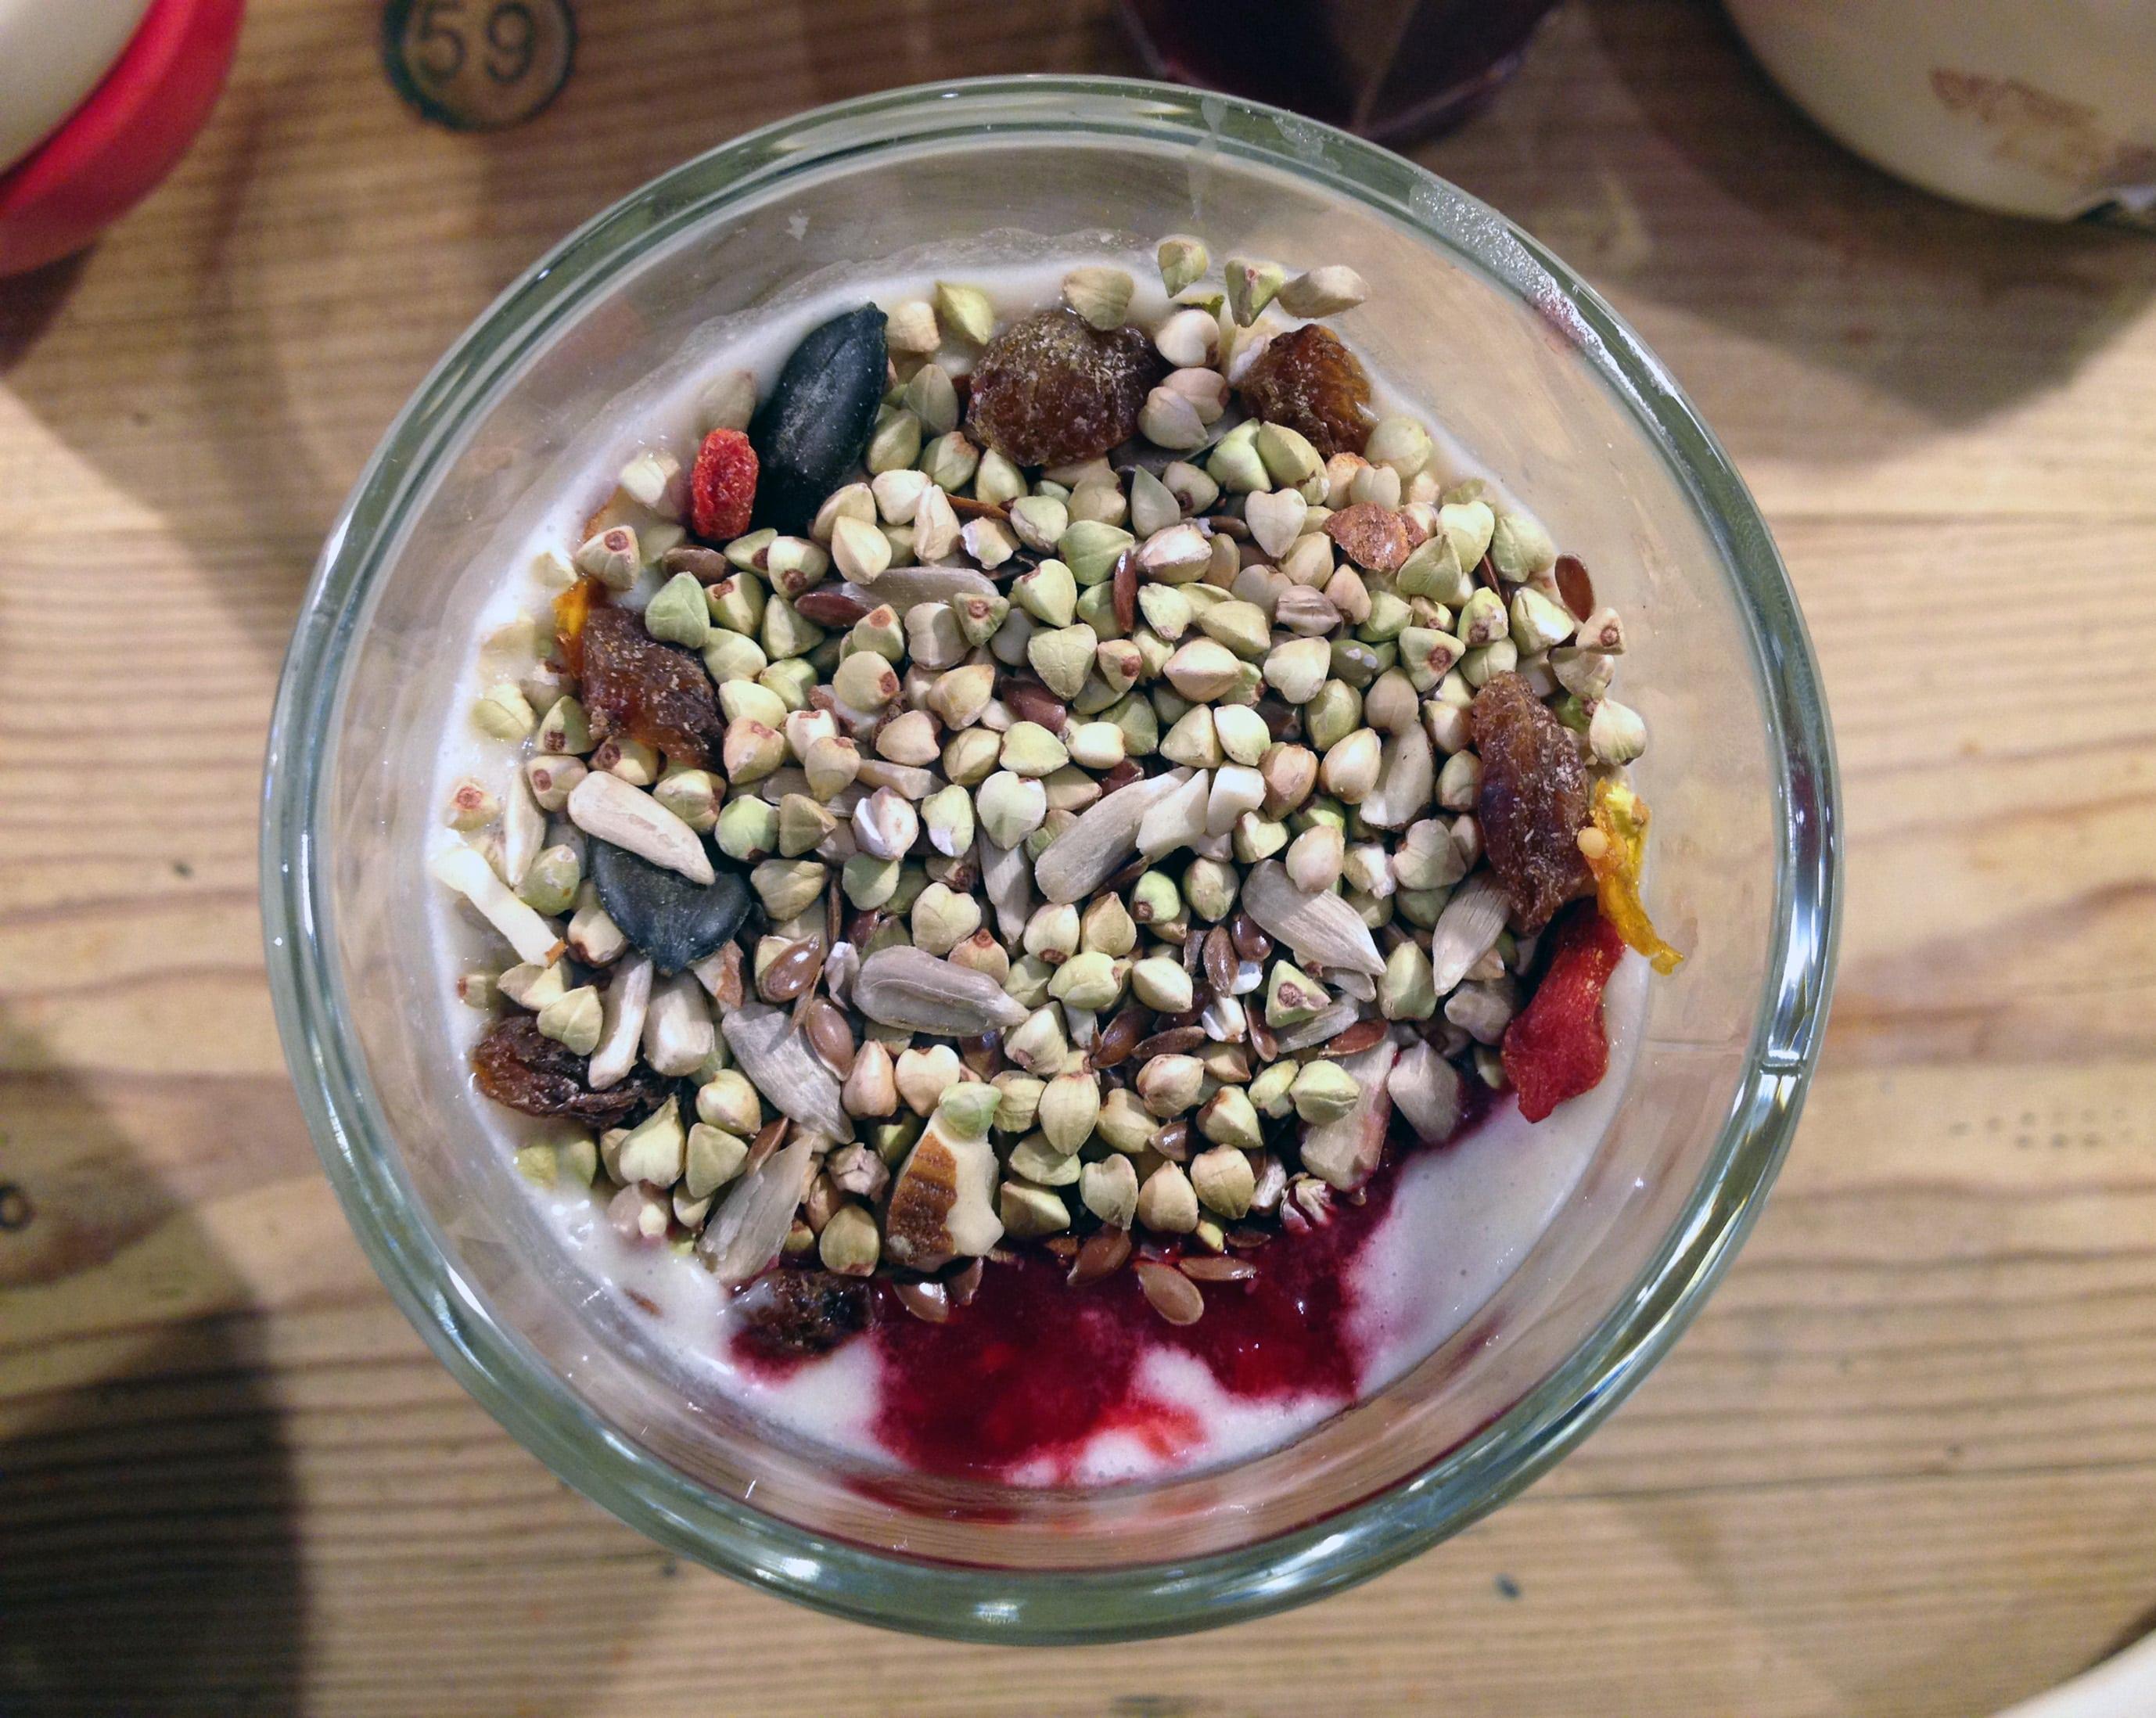 Gluten free granola with yogurt and fresh fruit